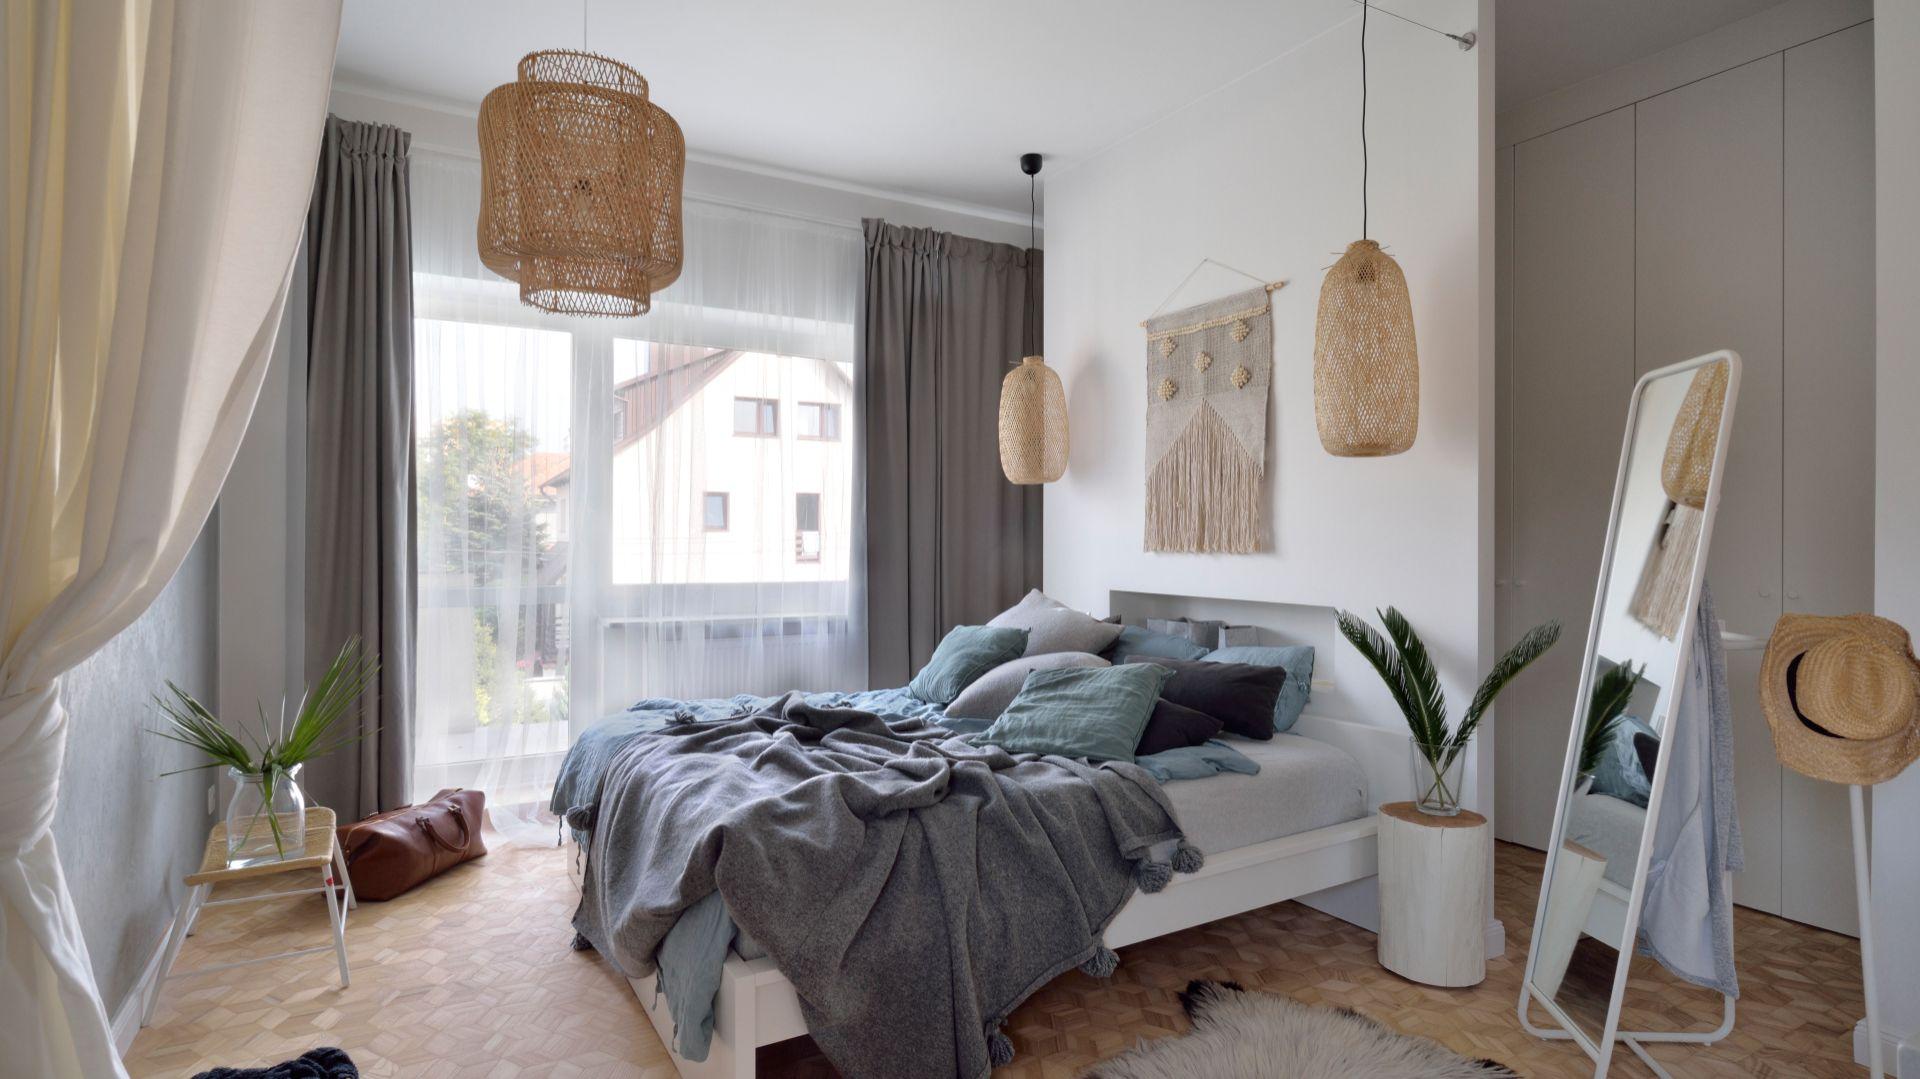 Pomysł na urządzenie jasnej sypialni. Projekt:  SHOKO.design. Fot. Łukasz Nowosadzki, Archilens.pl